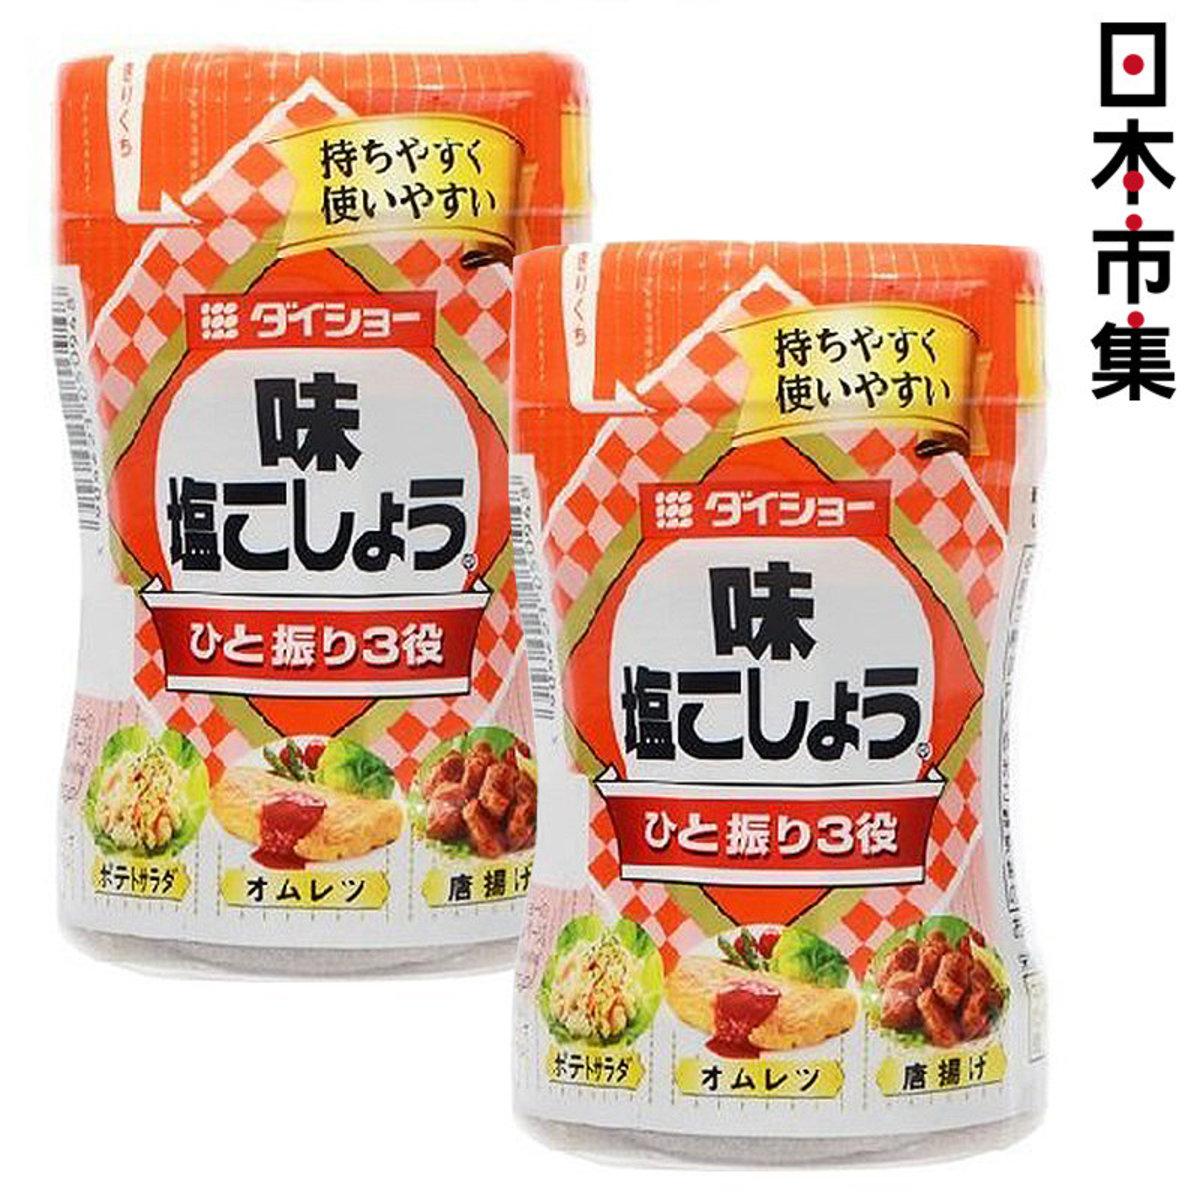 日版大創 調味味鹽 225g (2件裝)【市集世界 - 日本市集】